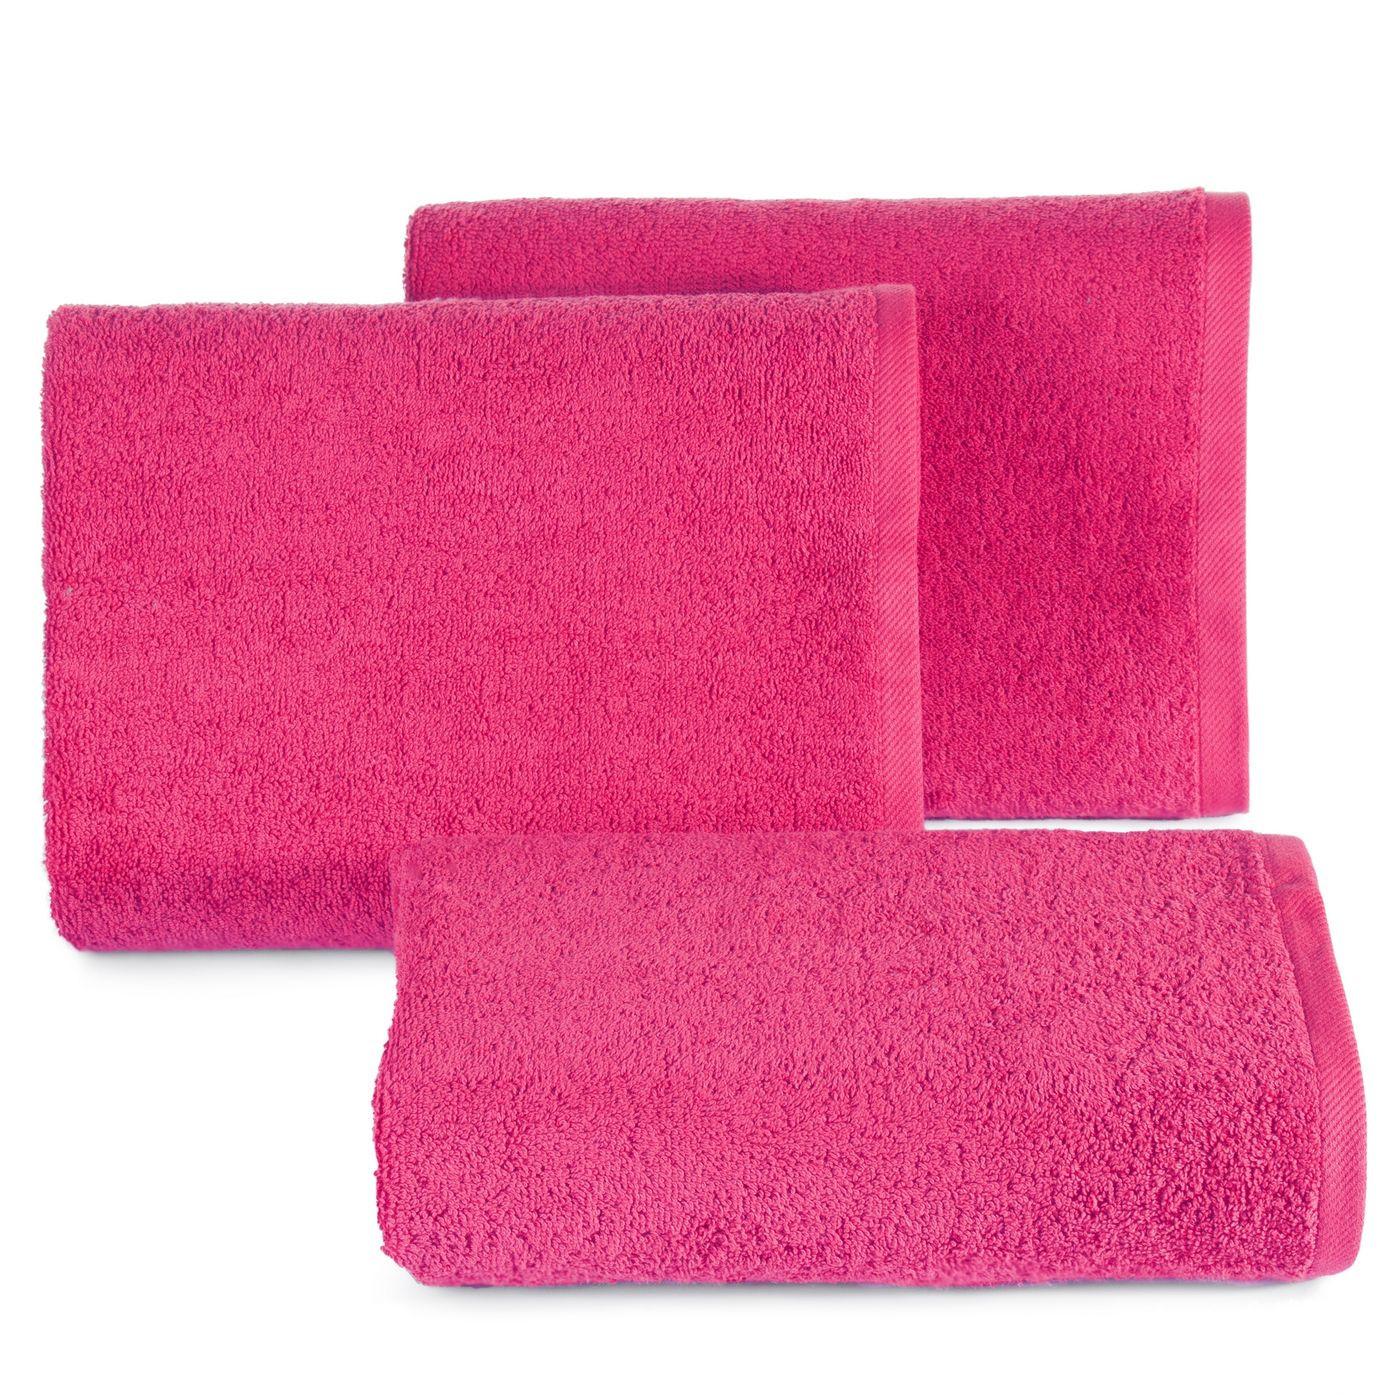 Ręcznik bawełniany gładki różowy 50x90 cm